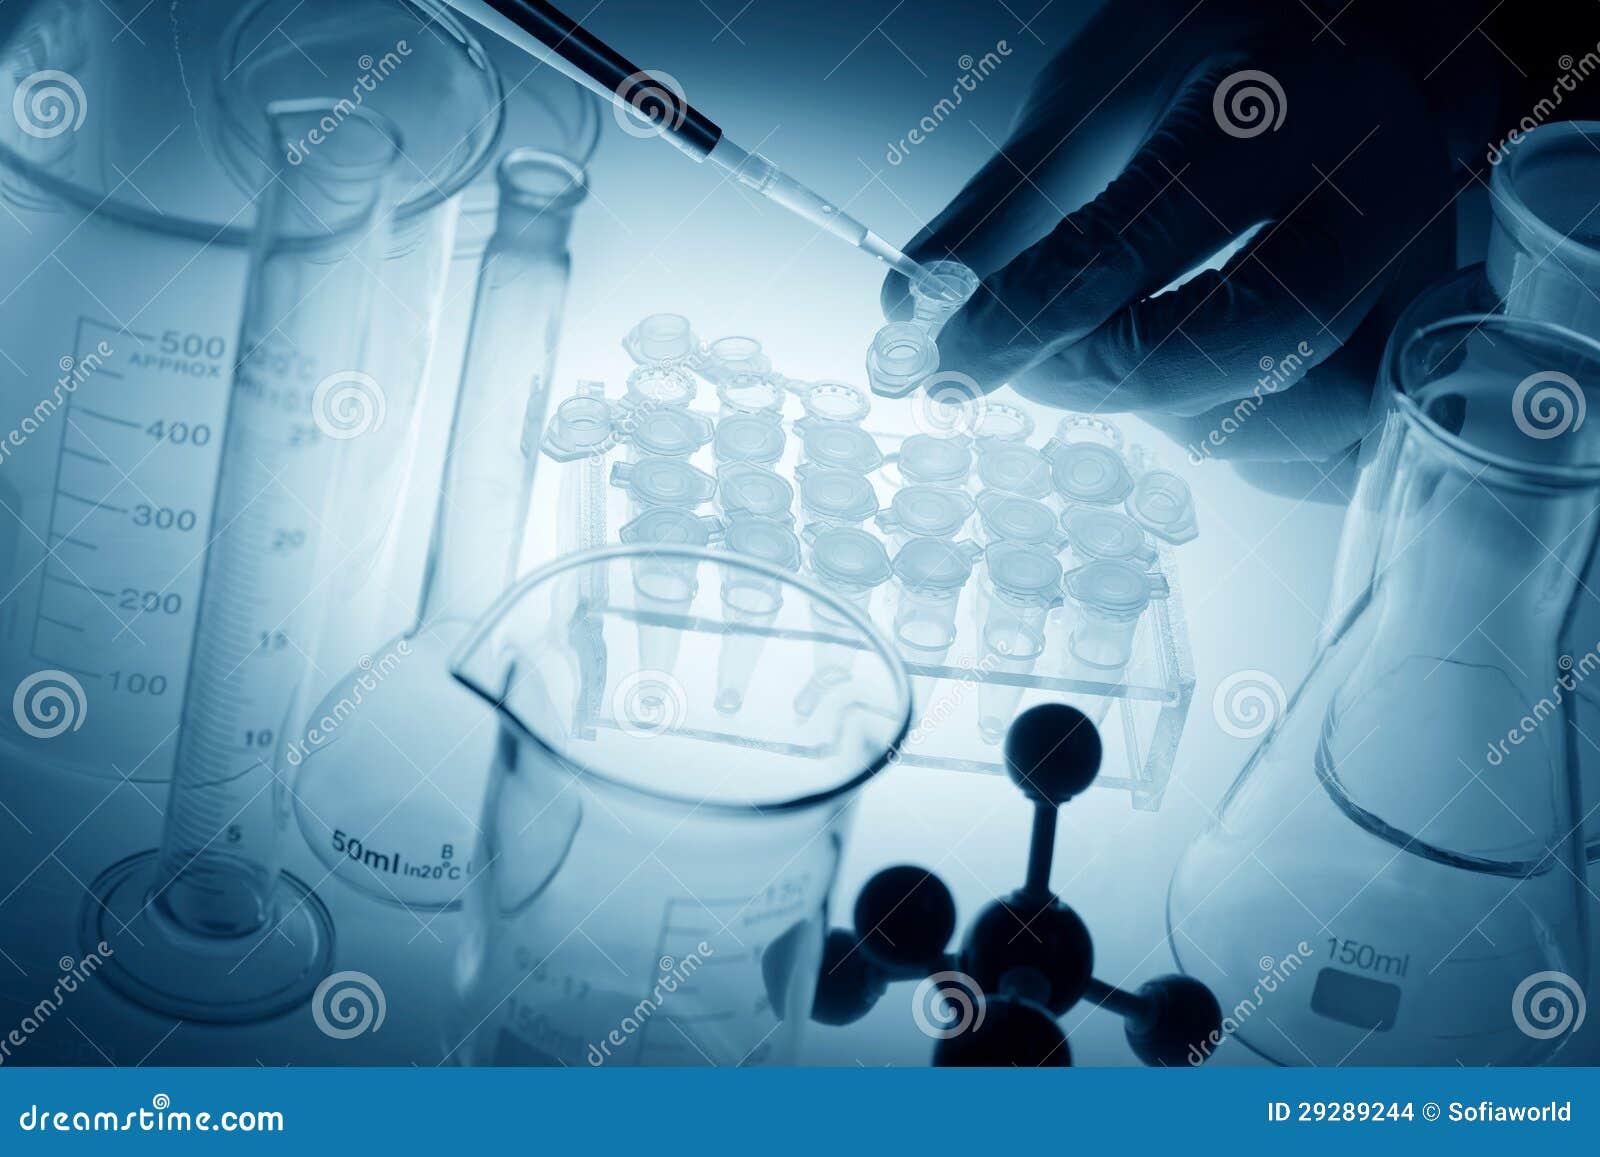 Επιστήμη και ιατρική έρευνα